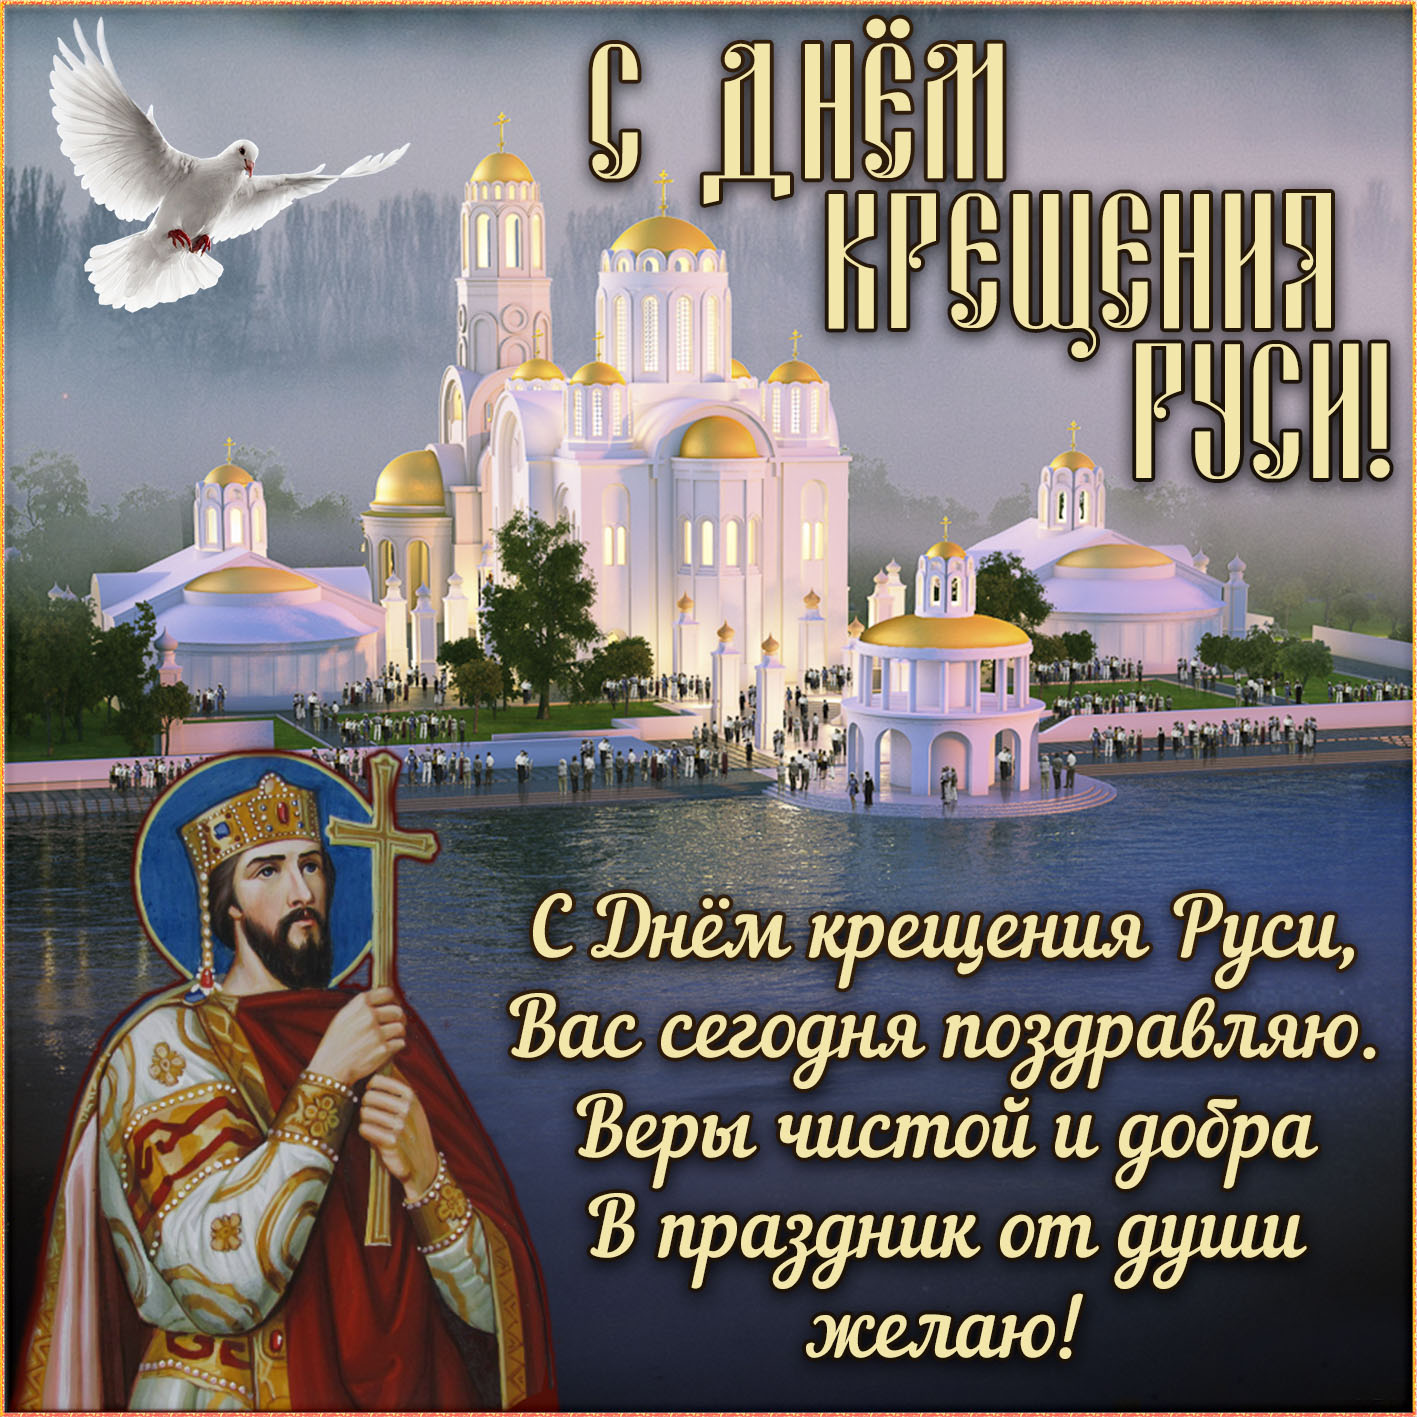 Поздравление с крещением руси владимира